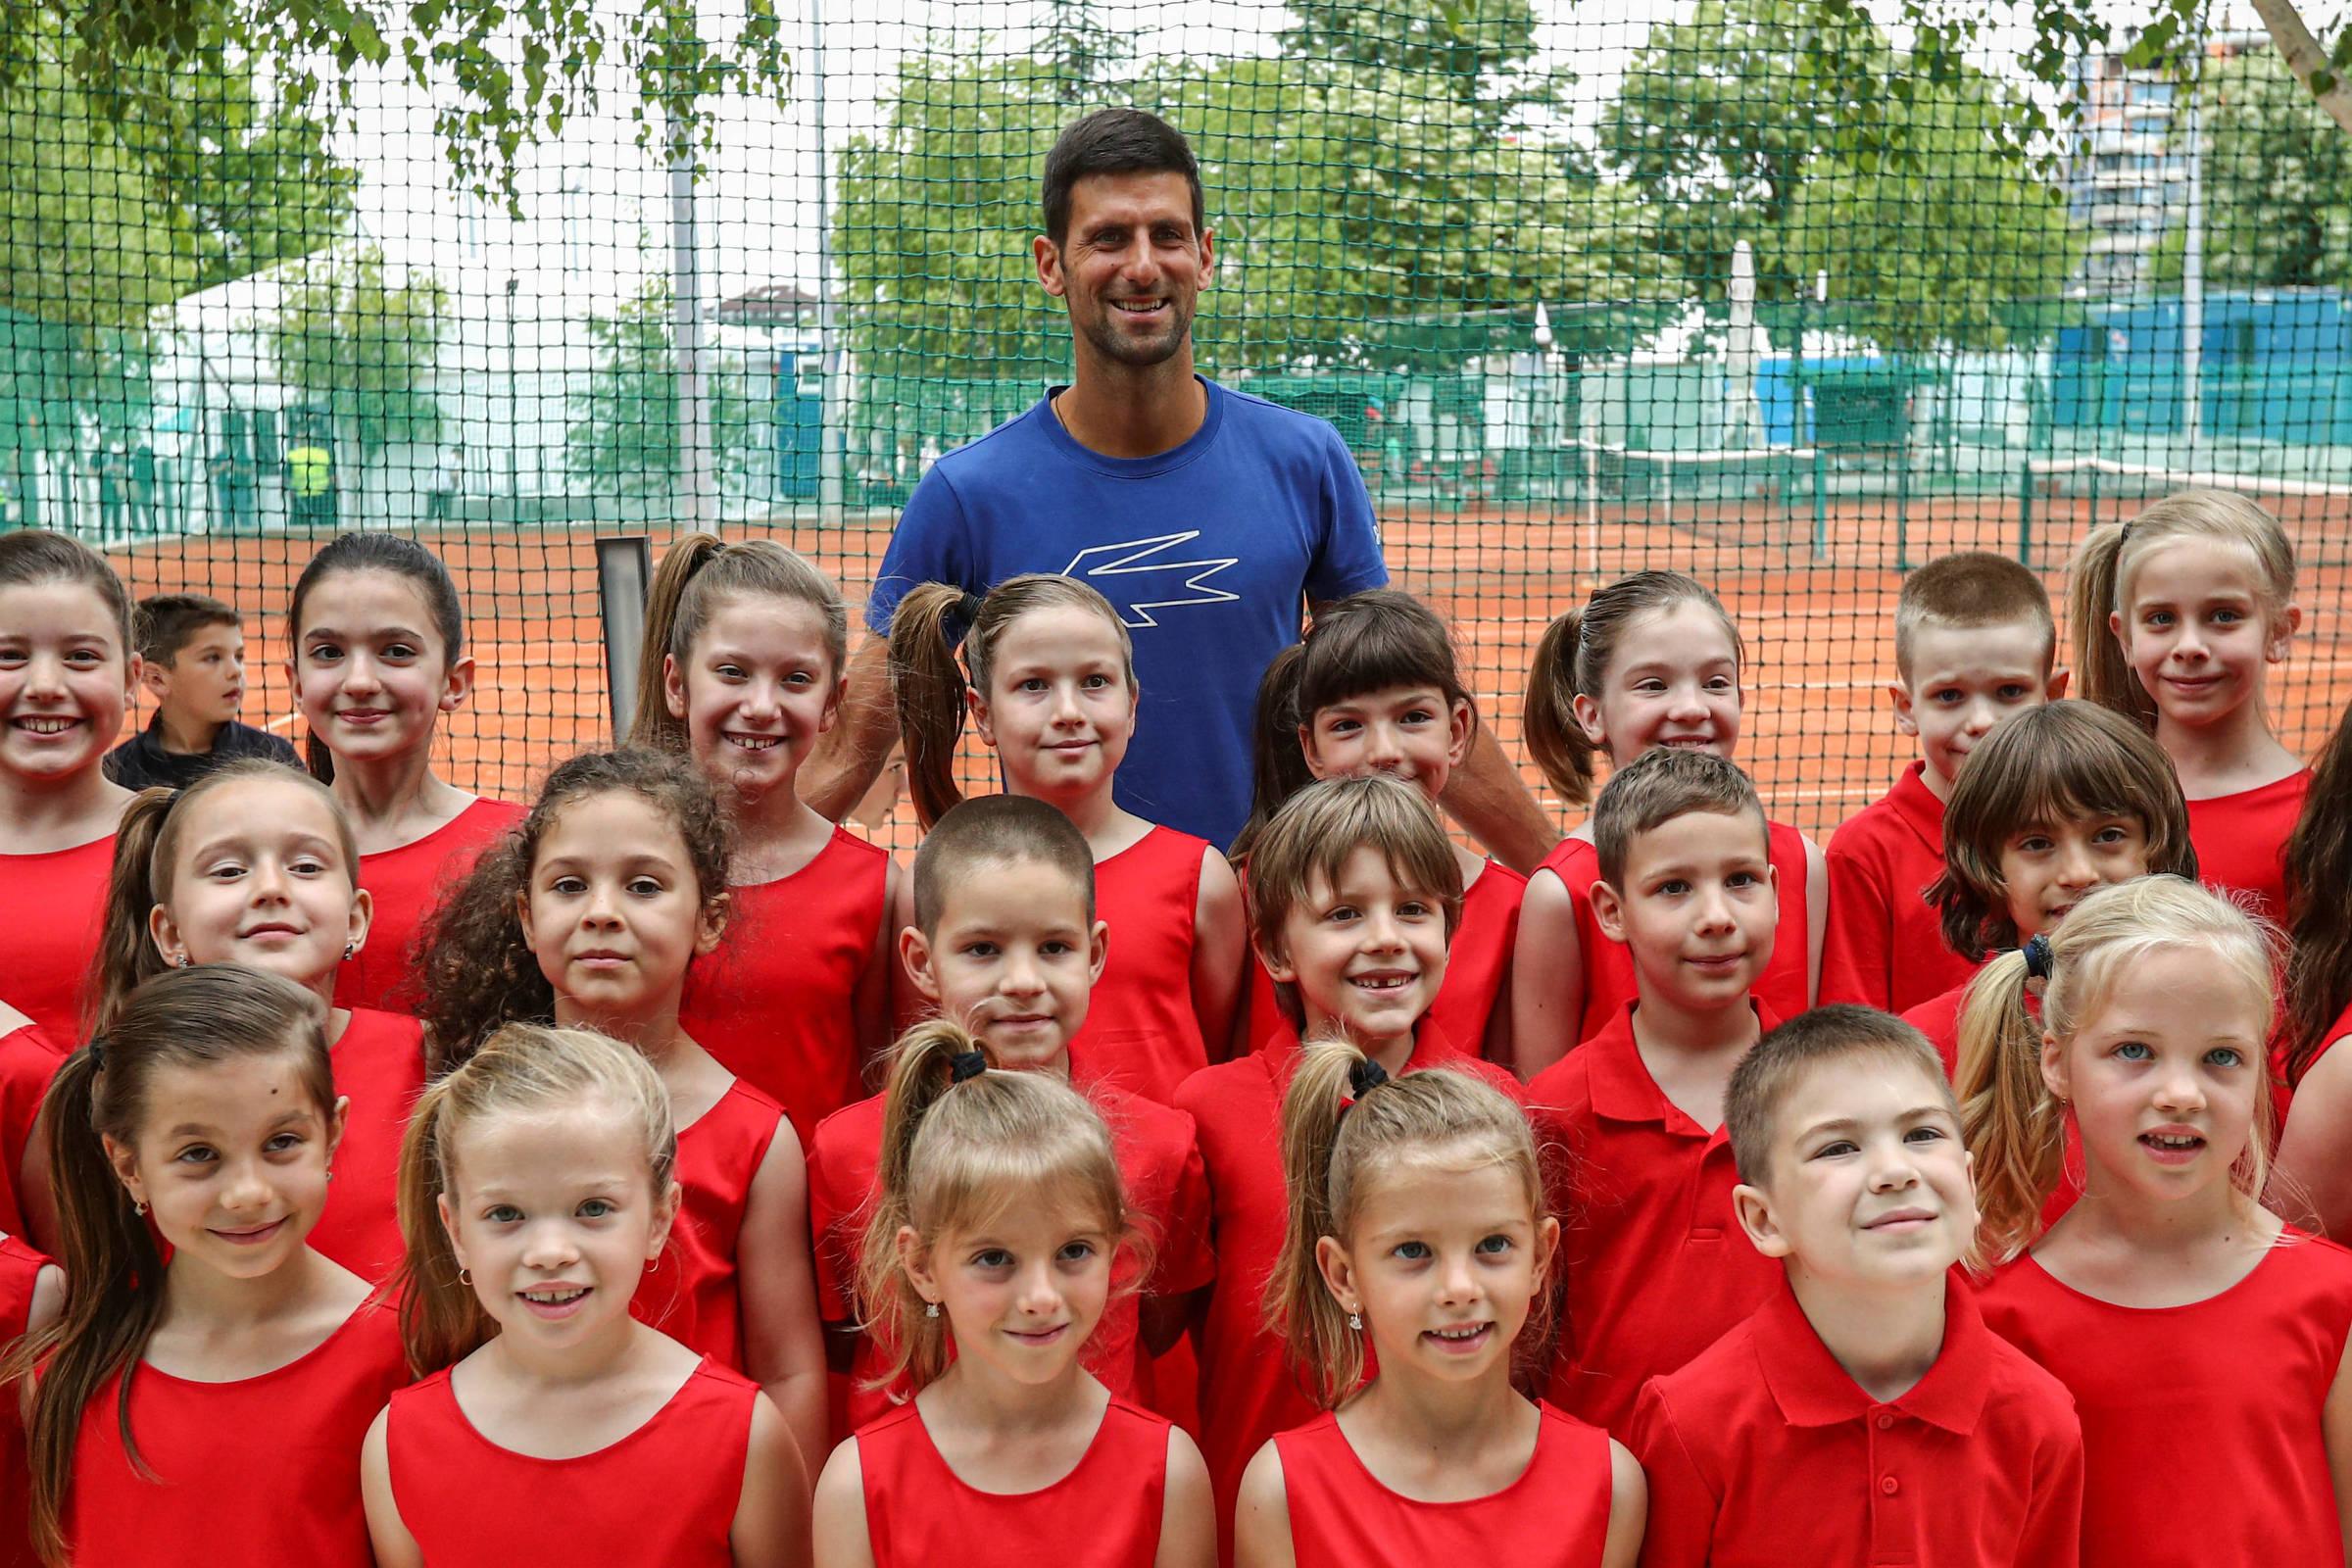 Djokovic sofre mais com seu coronavírus - 23 de junho de 2020. - Esportes